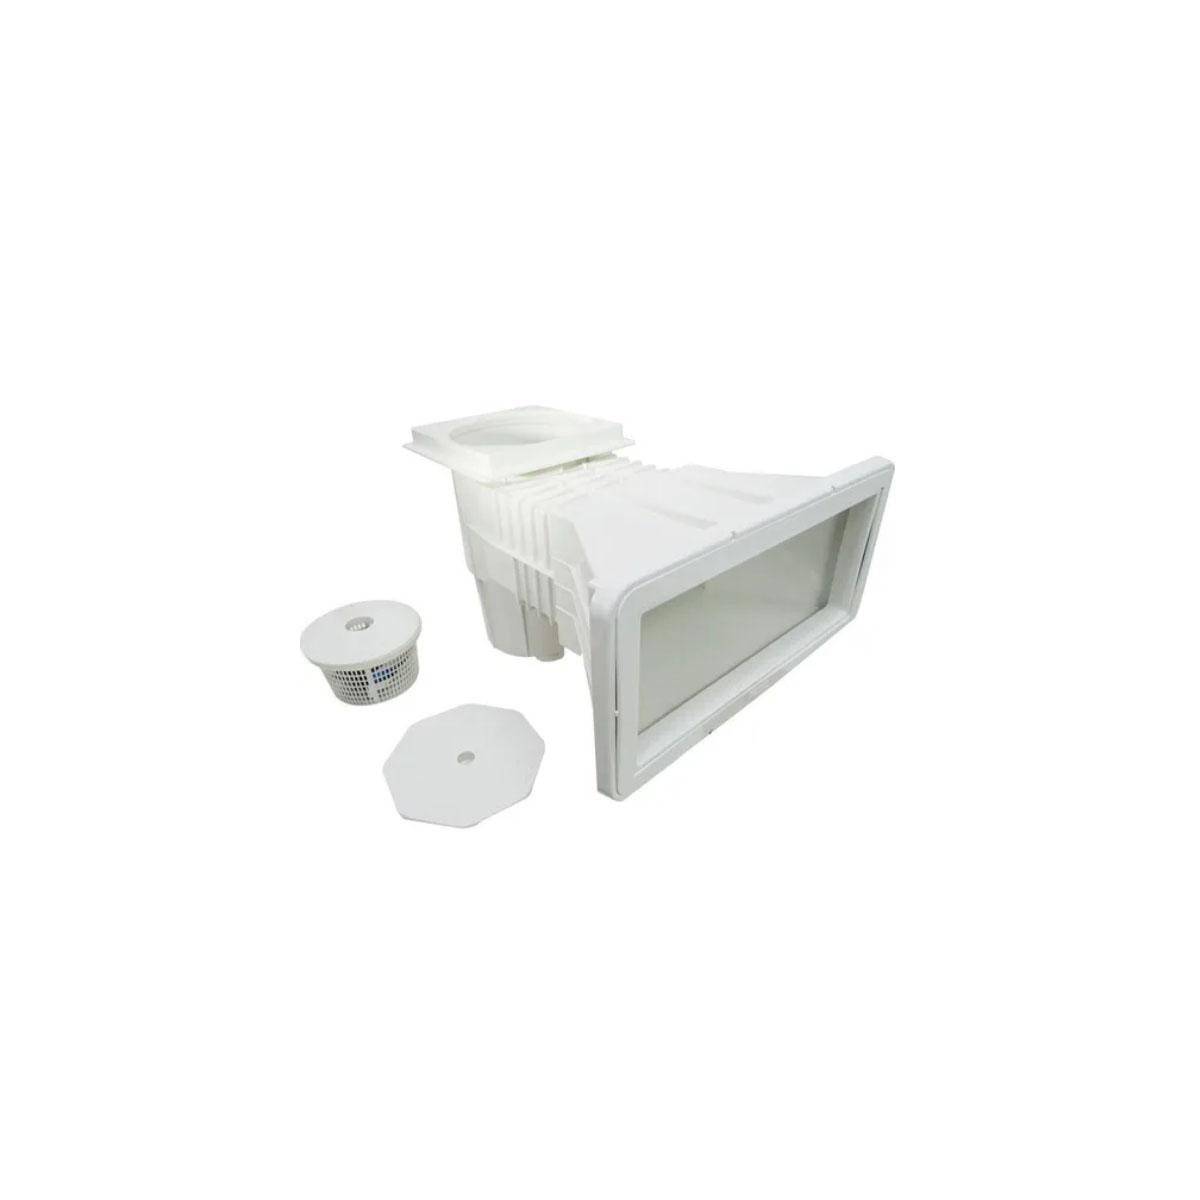 Skimmer boca larga  vinil/fibra/alvenaria branco Sodramar